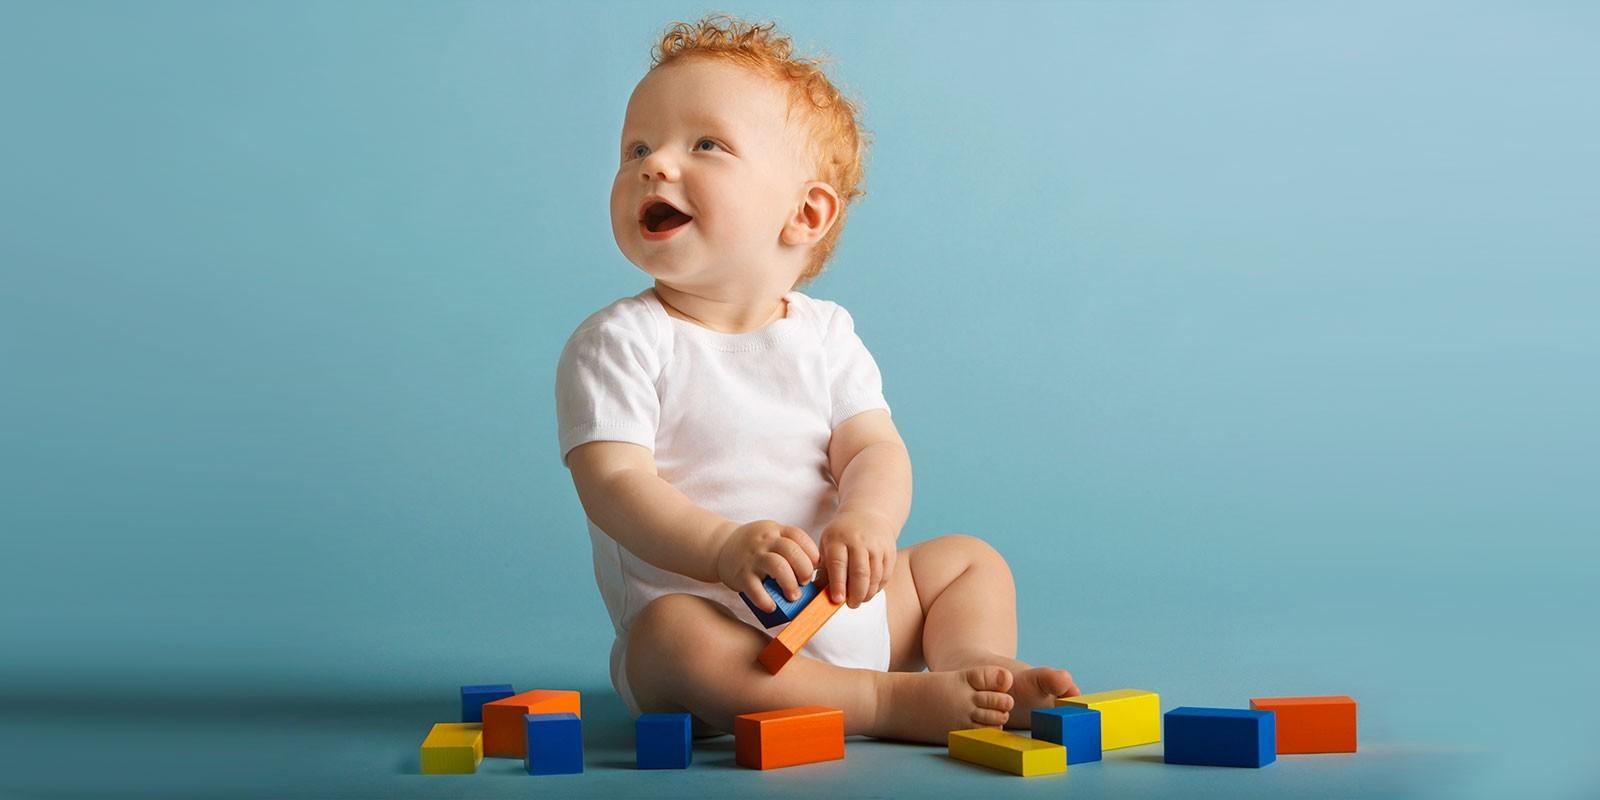 часть картинки розвитку дитини отмечается сообщении